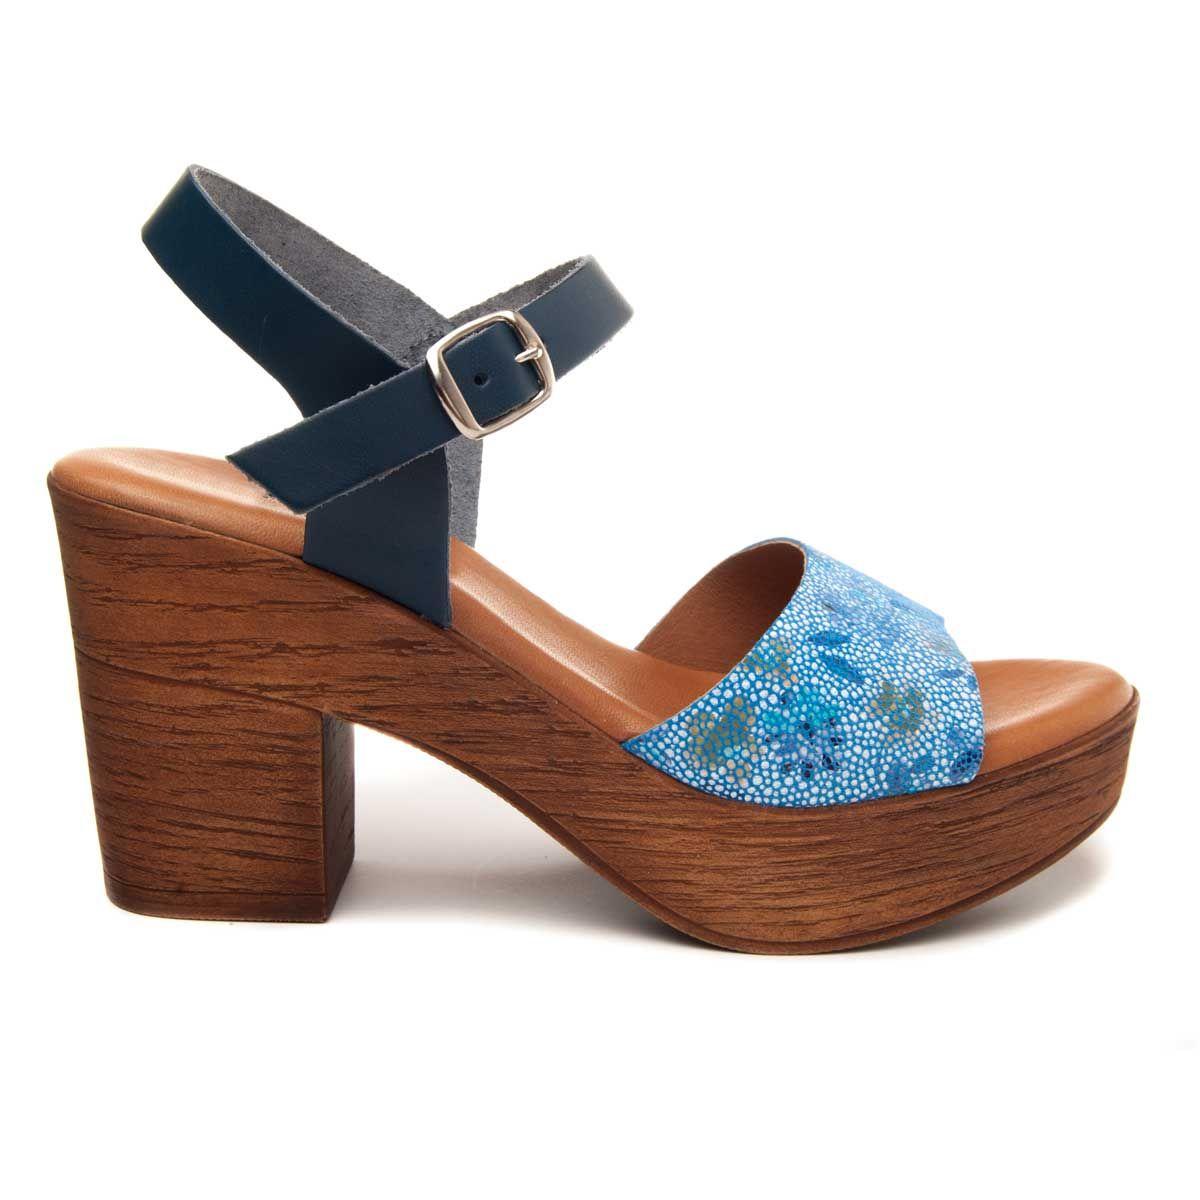 Purapiel Heel Sandal in Blue